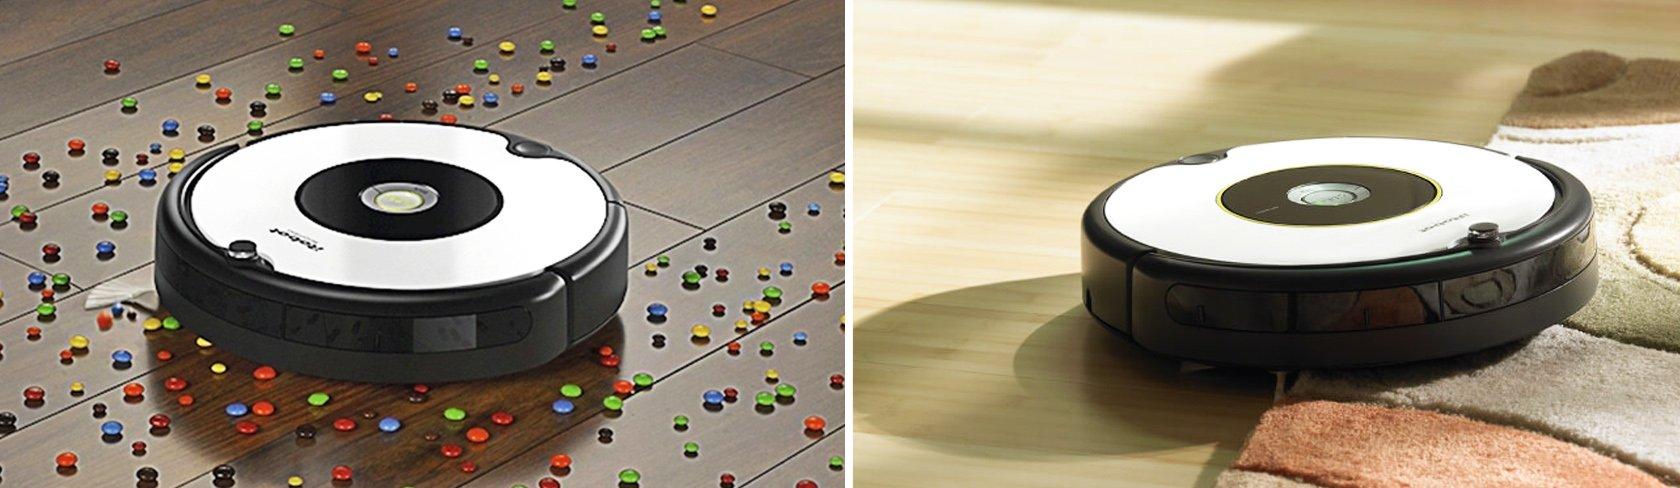 iRobot roomba 605 убирает на всех видах покрытий